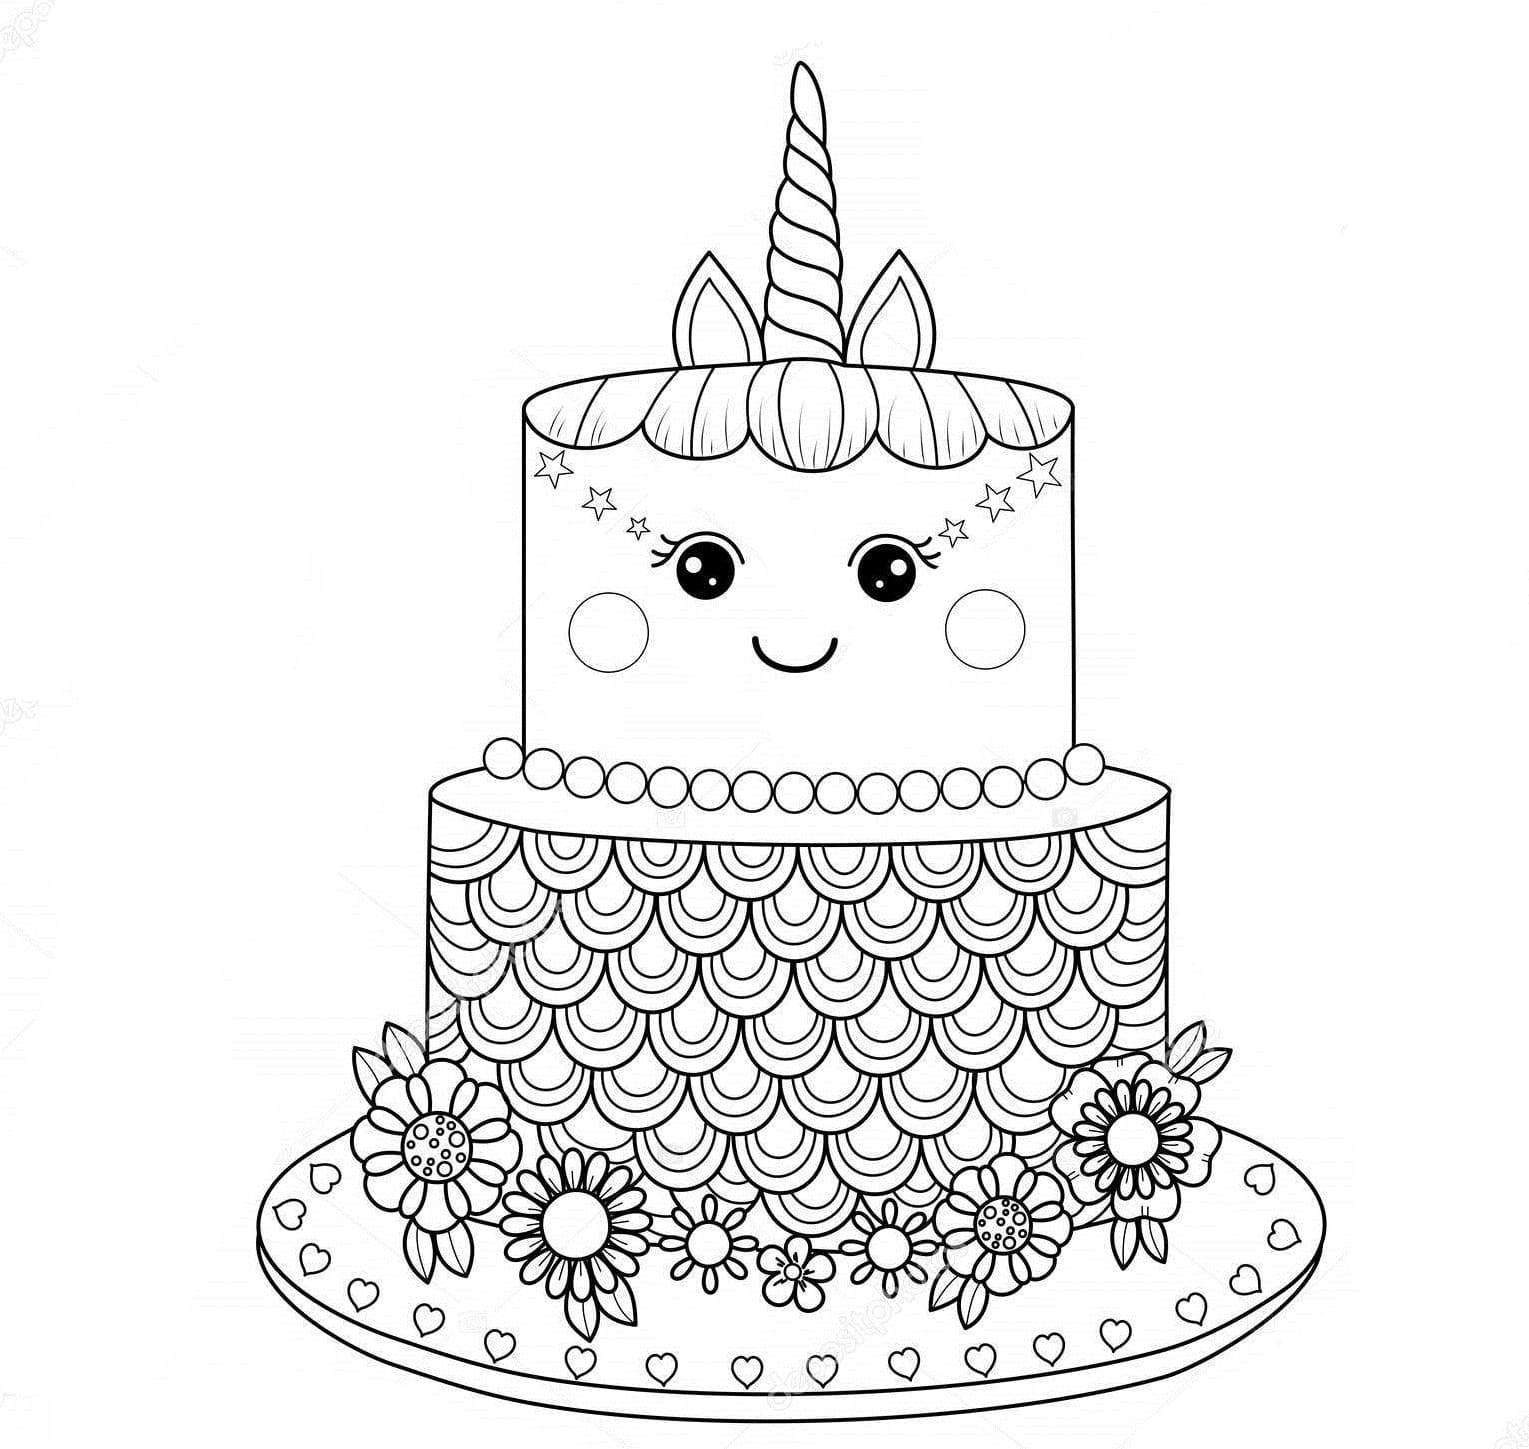 Ausmalbilder Kuchen  13 Bilder zum kostenlosen Drucken